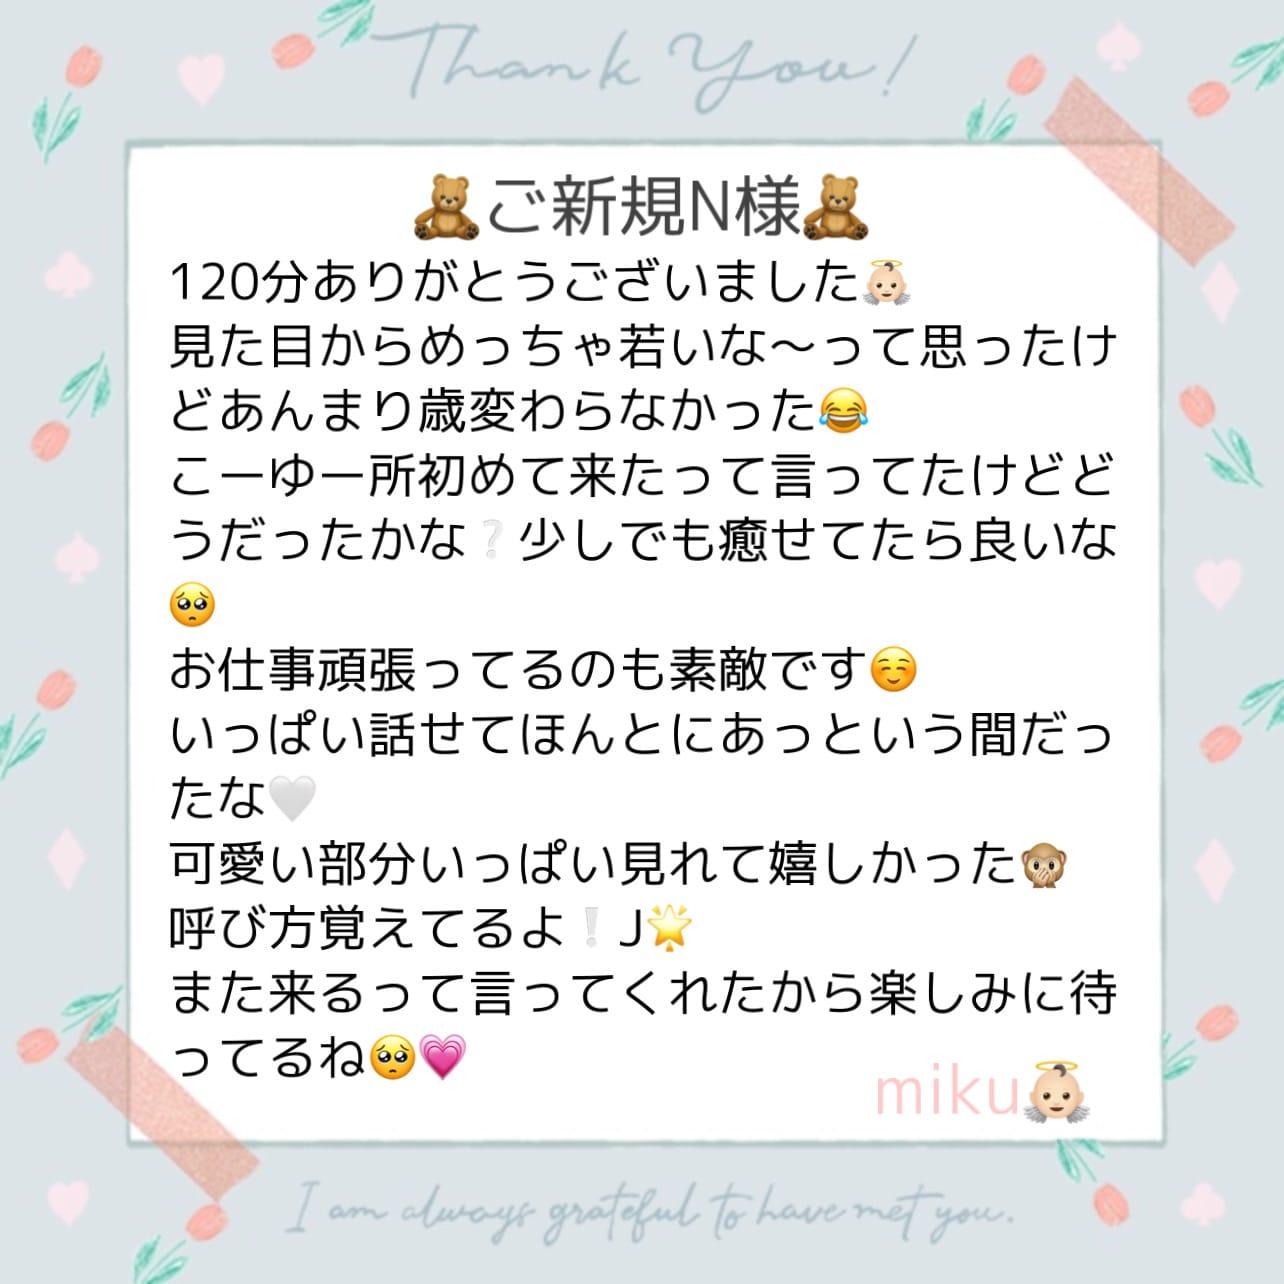 「ご新規N様❤︎」07/23(金) 05:27 | みくの写メ日記